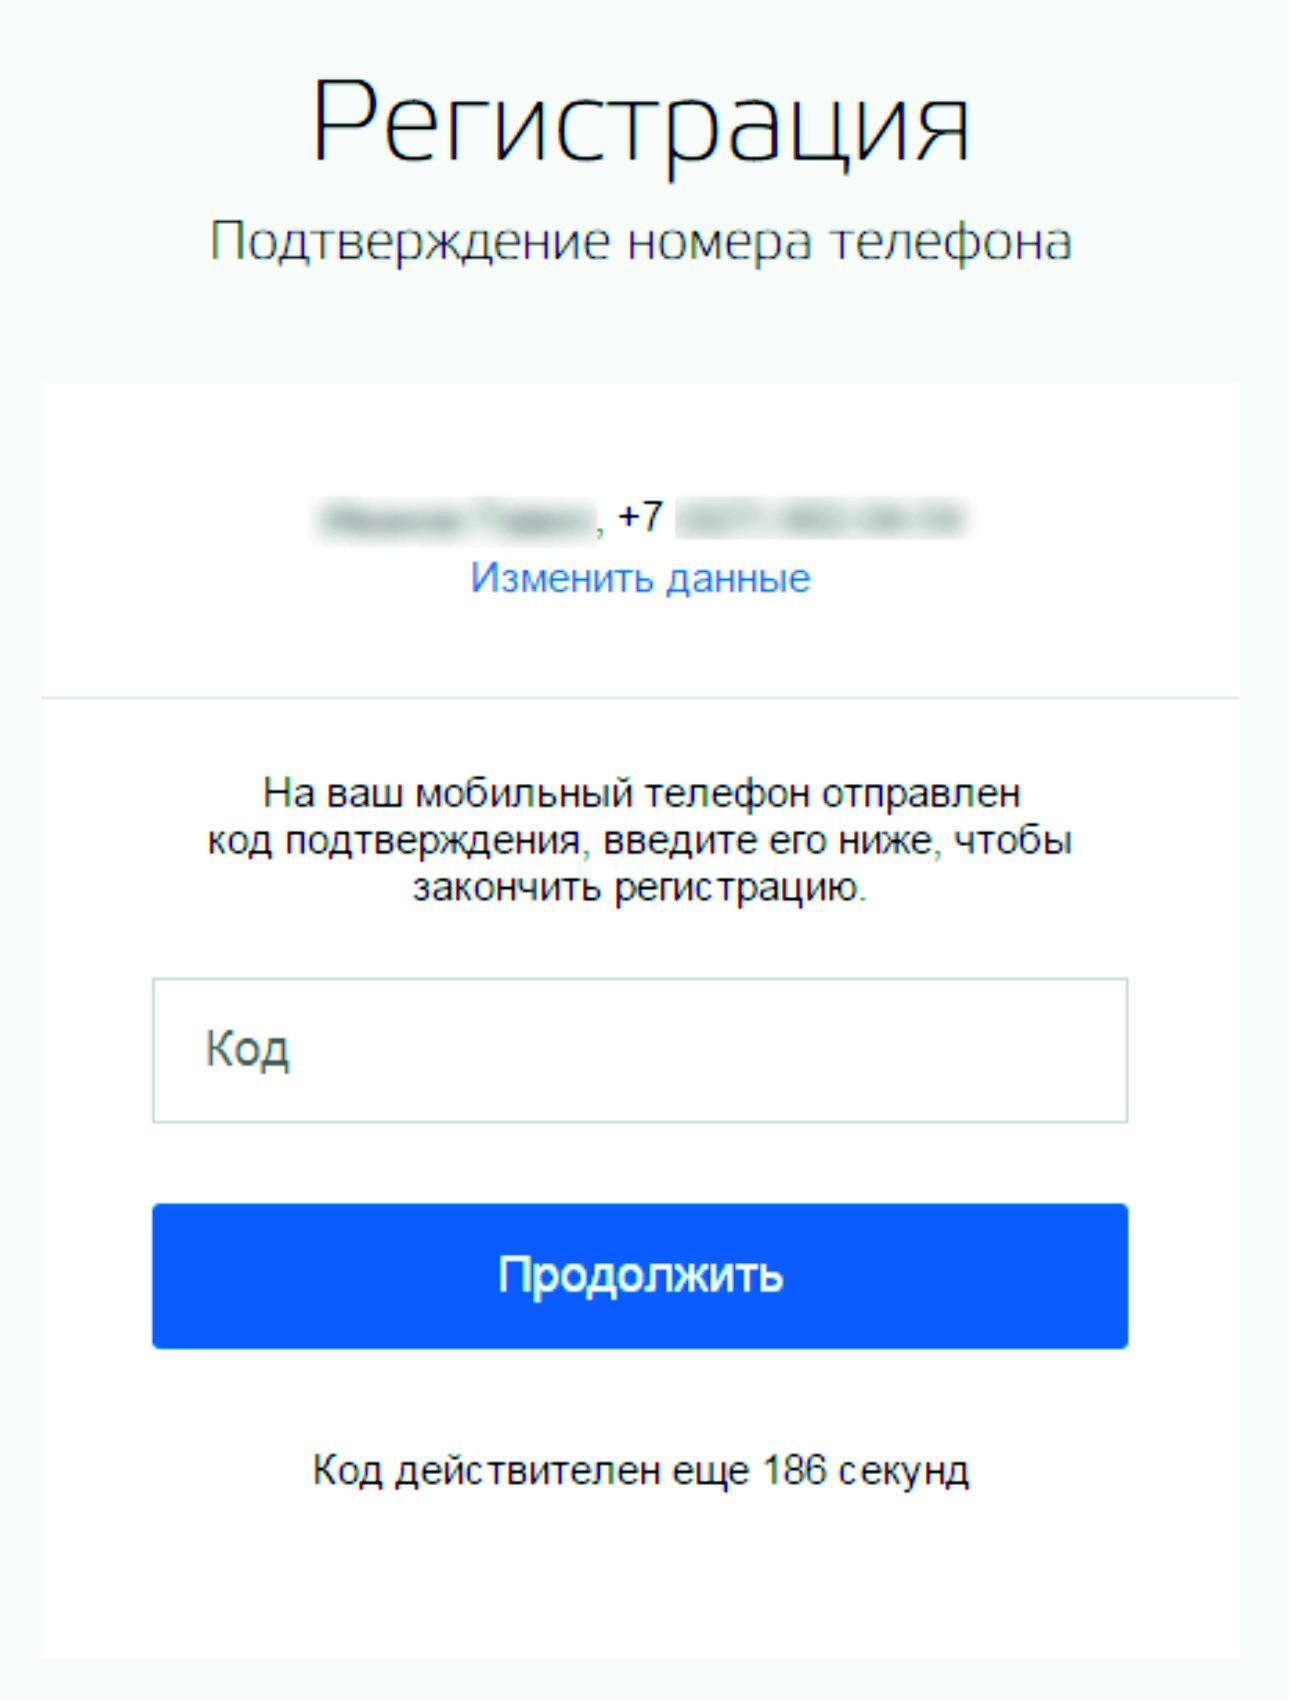 Как подтвердить учётную запись Госуслуги через приложение Сбербанк онлайн